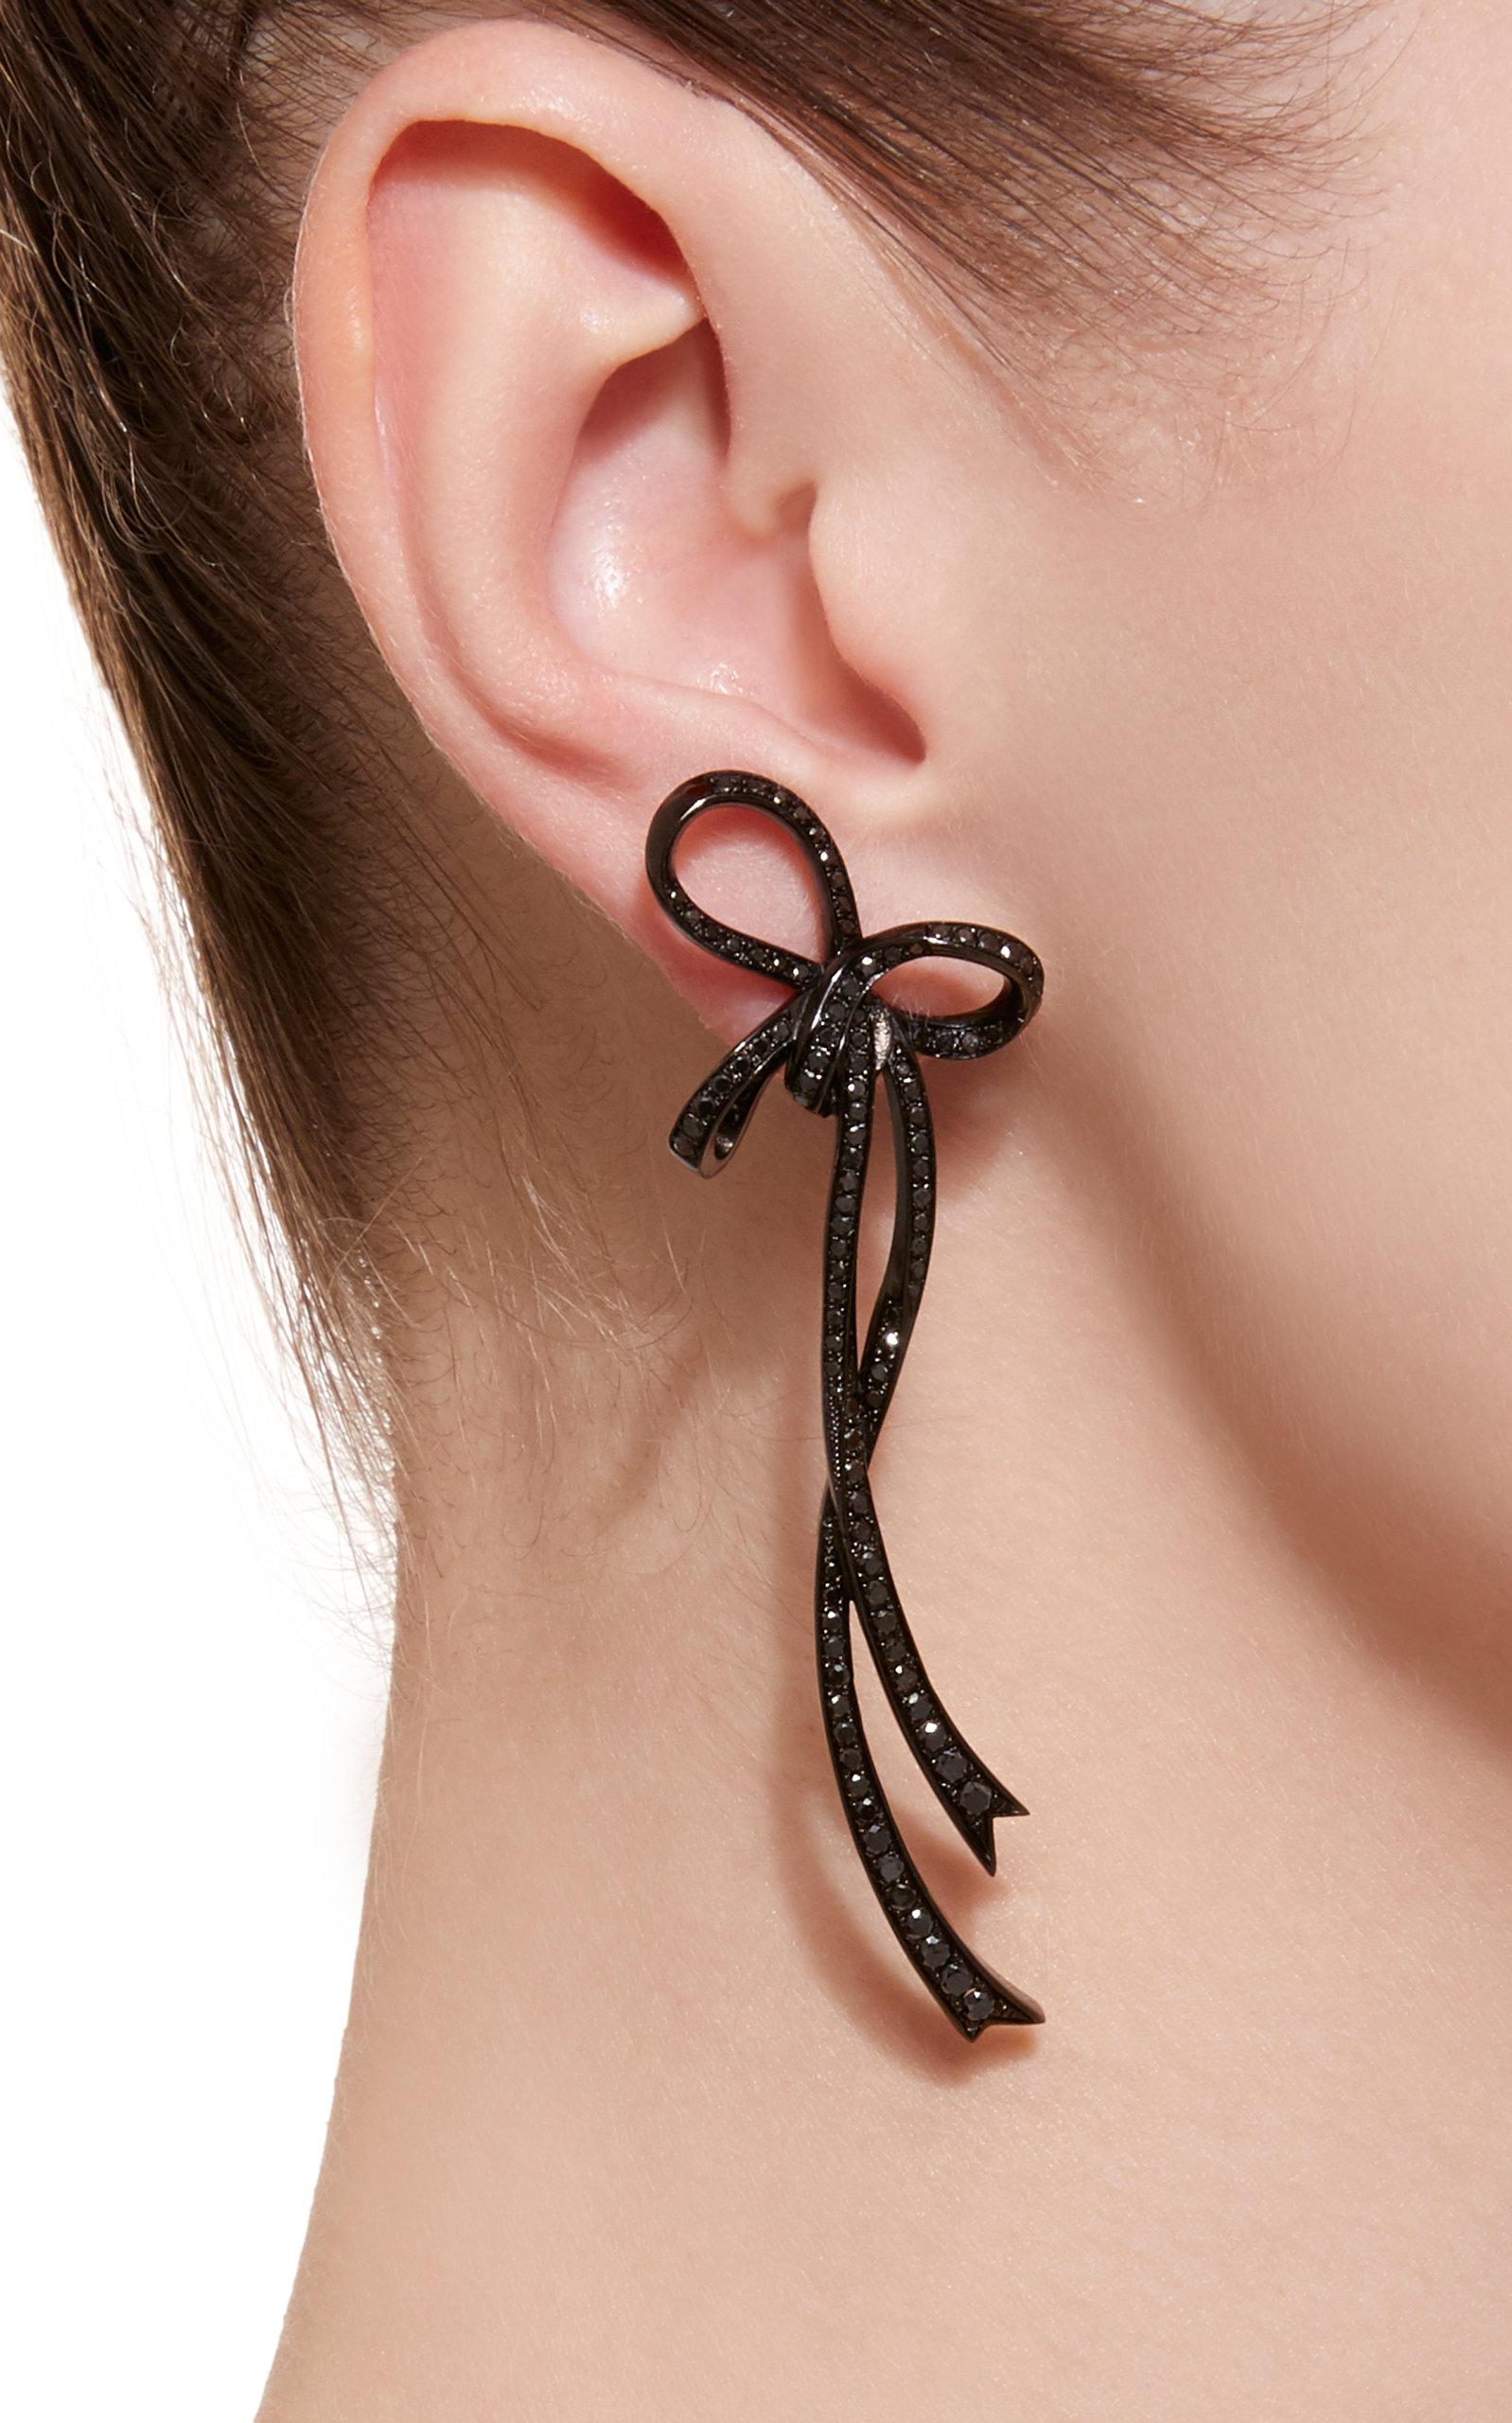 Grandes Boucles D'oreilles En Diamant Or Noir 18 Carats Arc Bijoux Colette O3pFu2